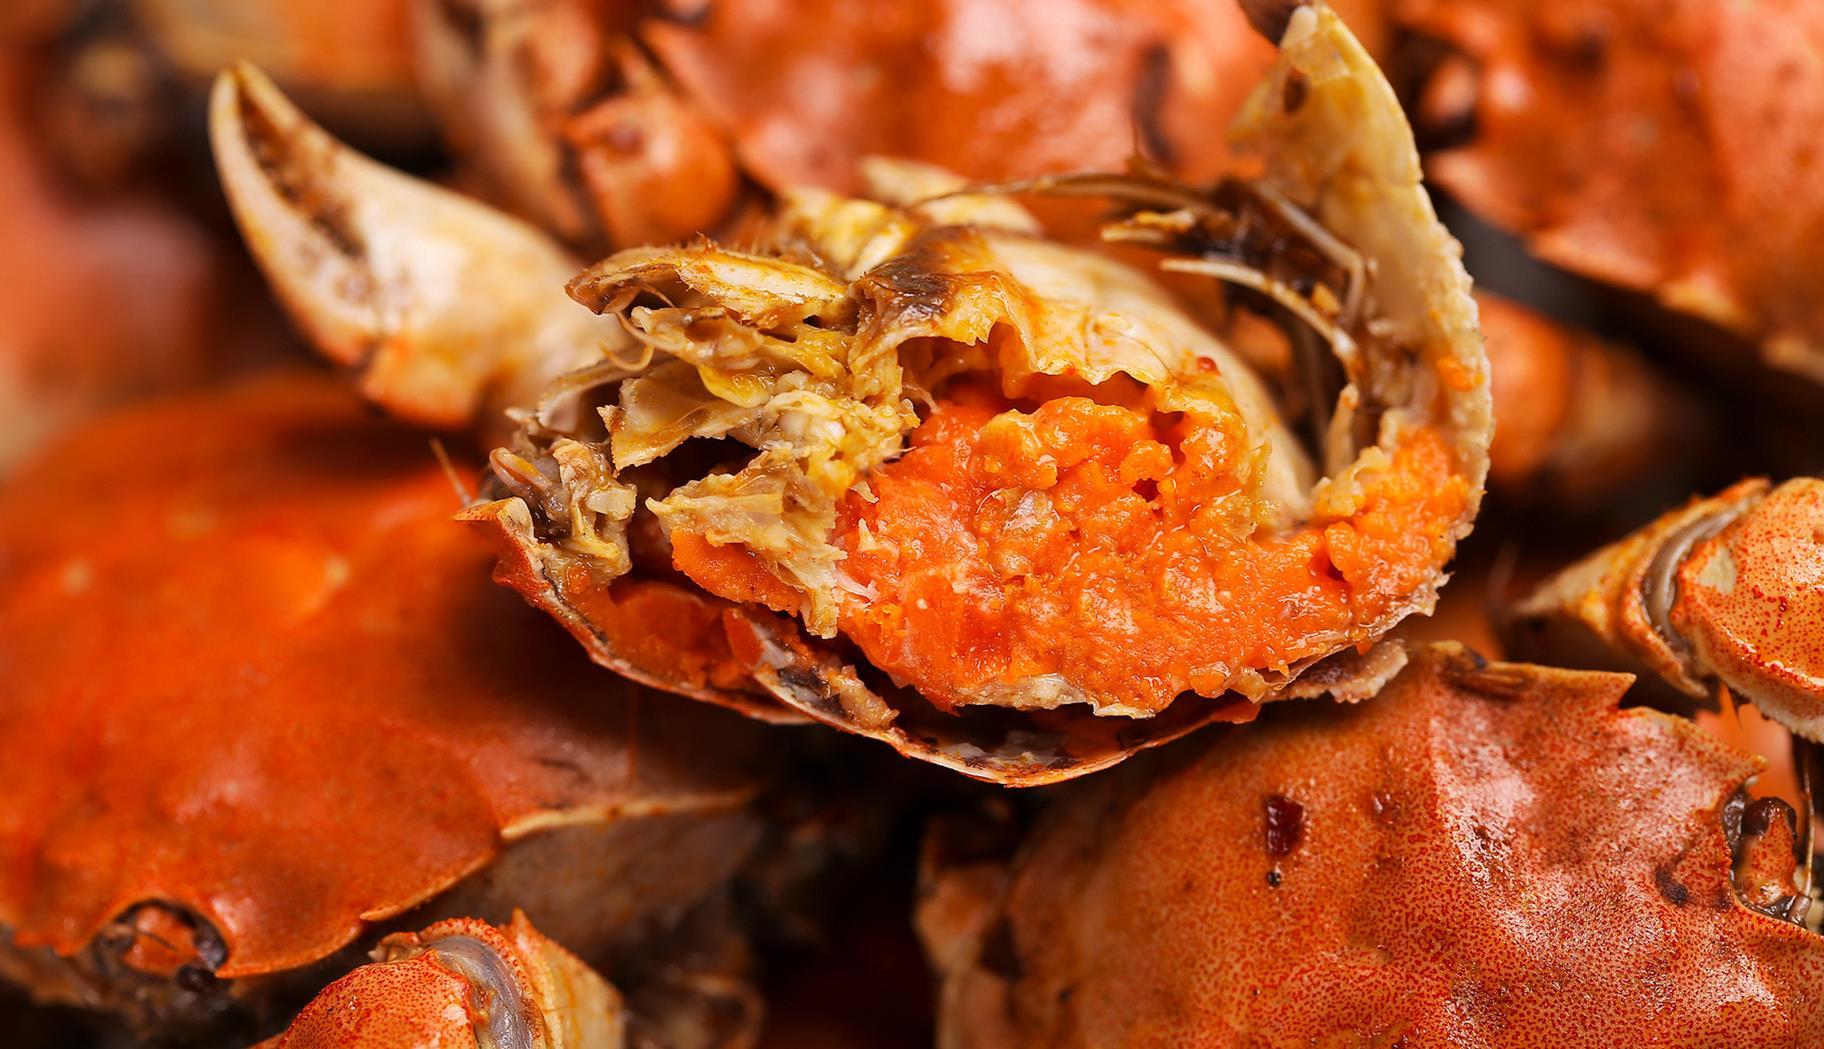 孕妇就馋螃蟹怎么办?孕期吃螃蟹,这几个注意事项要放在心上